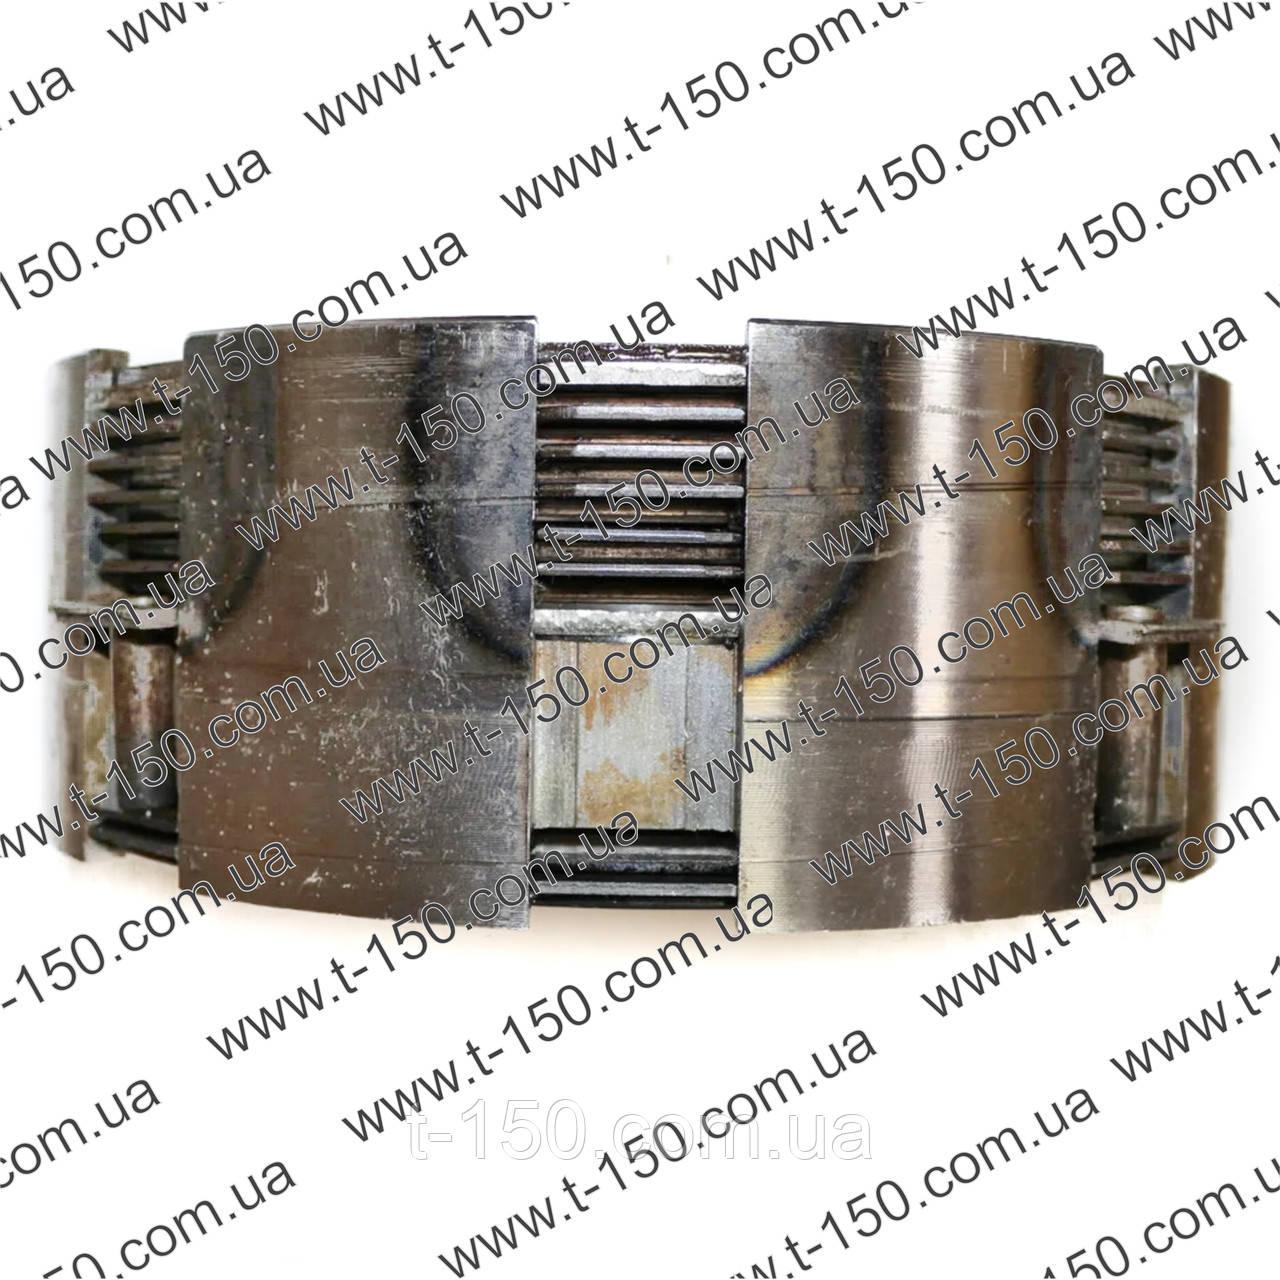 Барабан гидромуфты Т-150  (150.37.016)